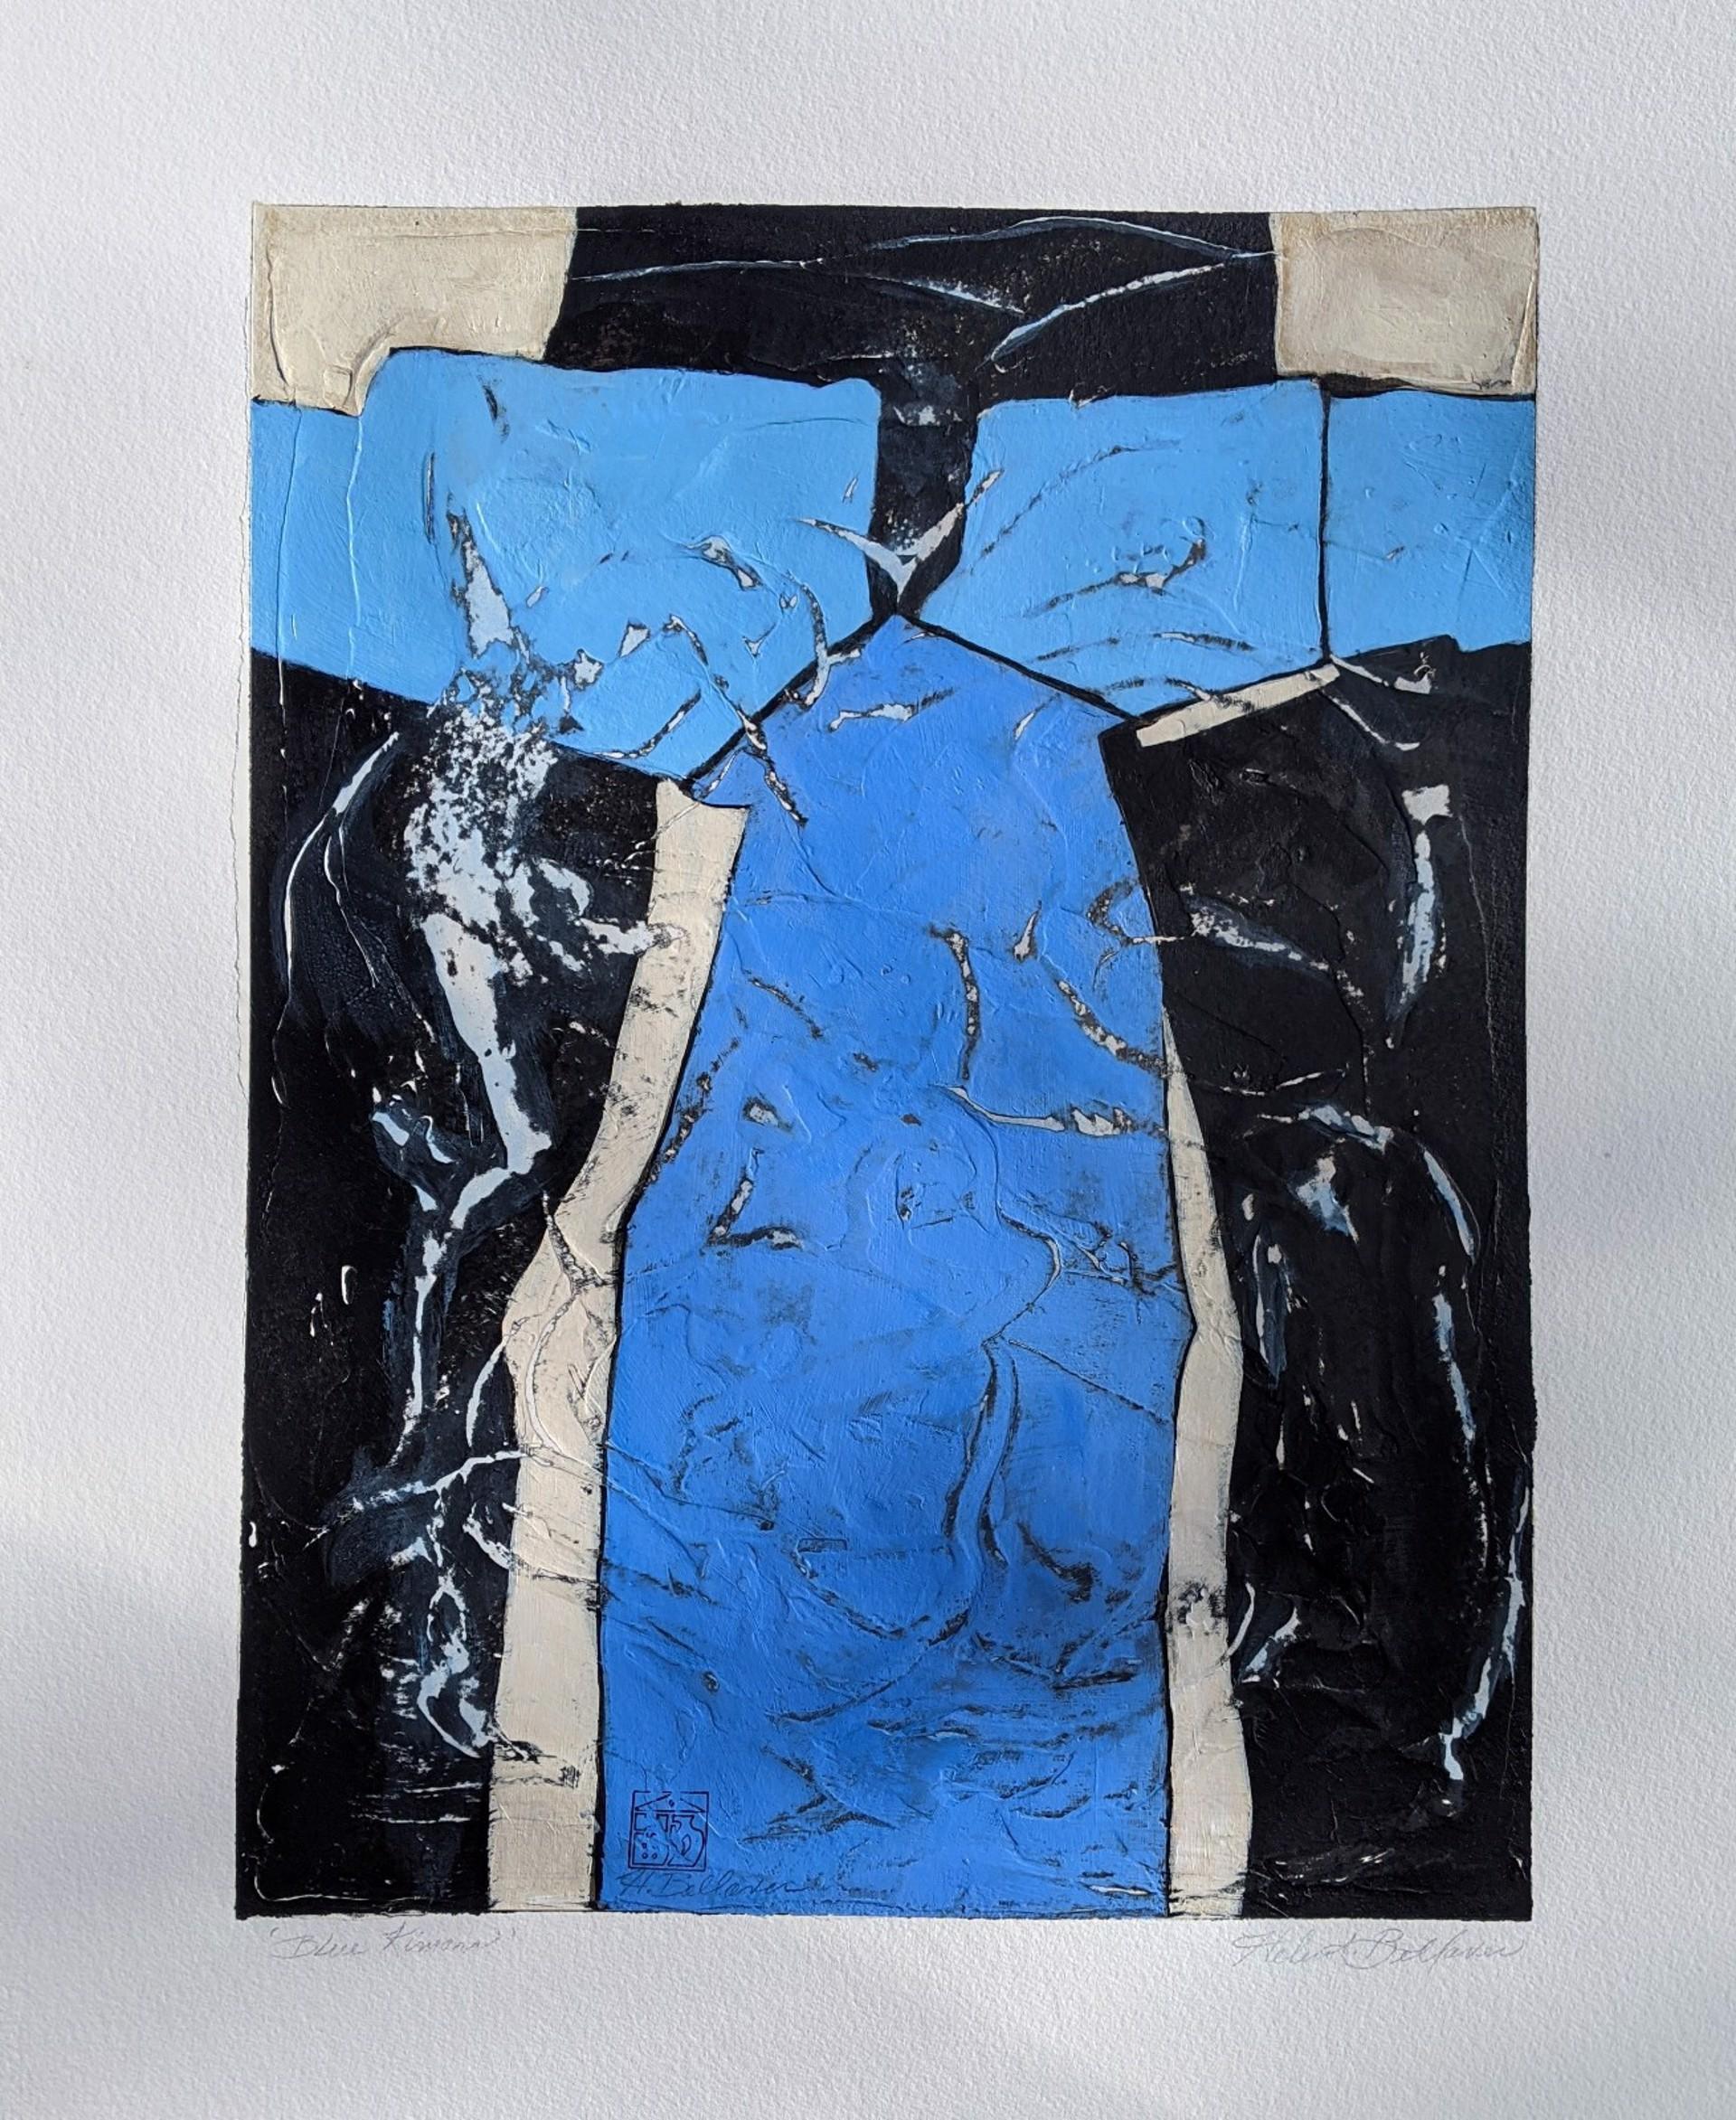 Blue Kimono by Helen Bellaver